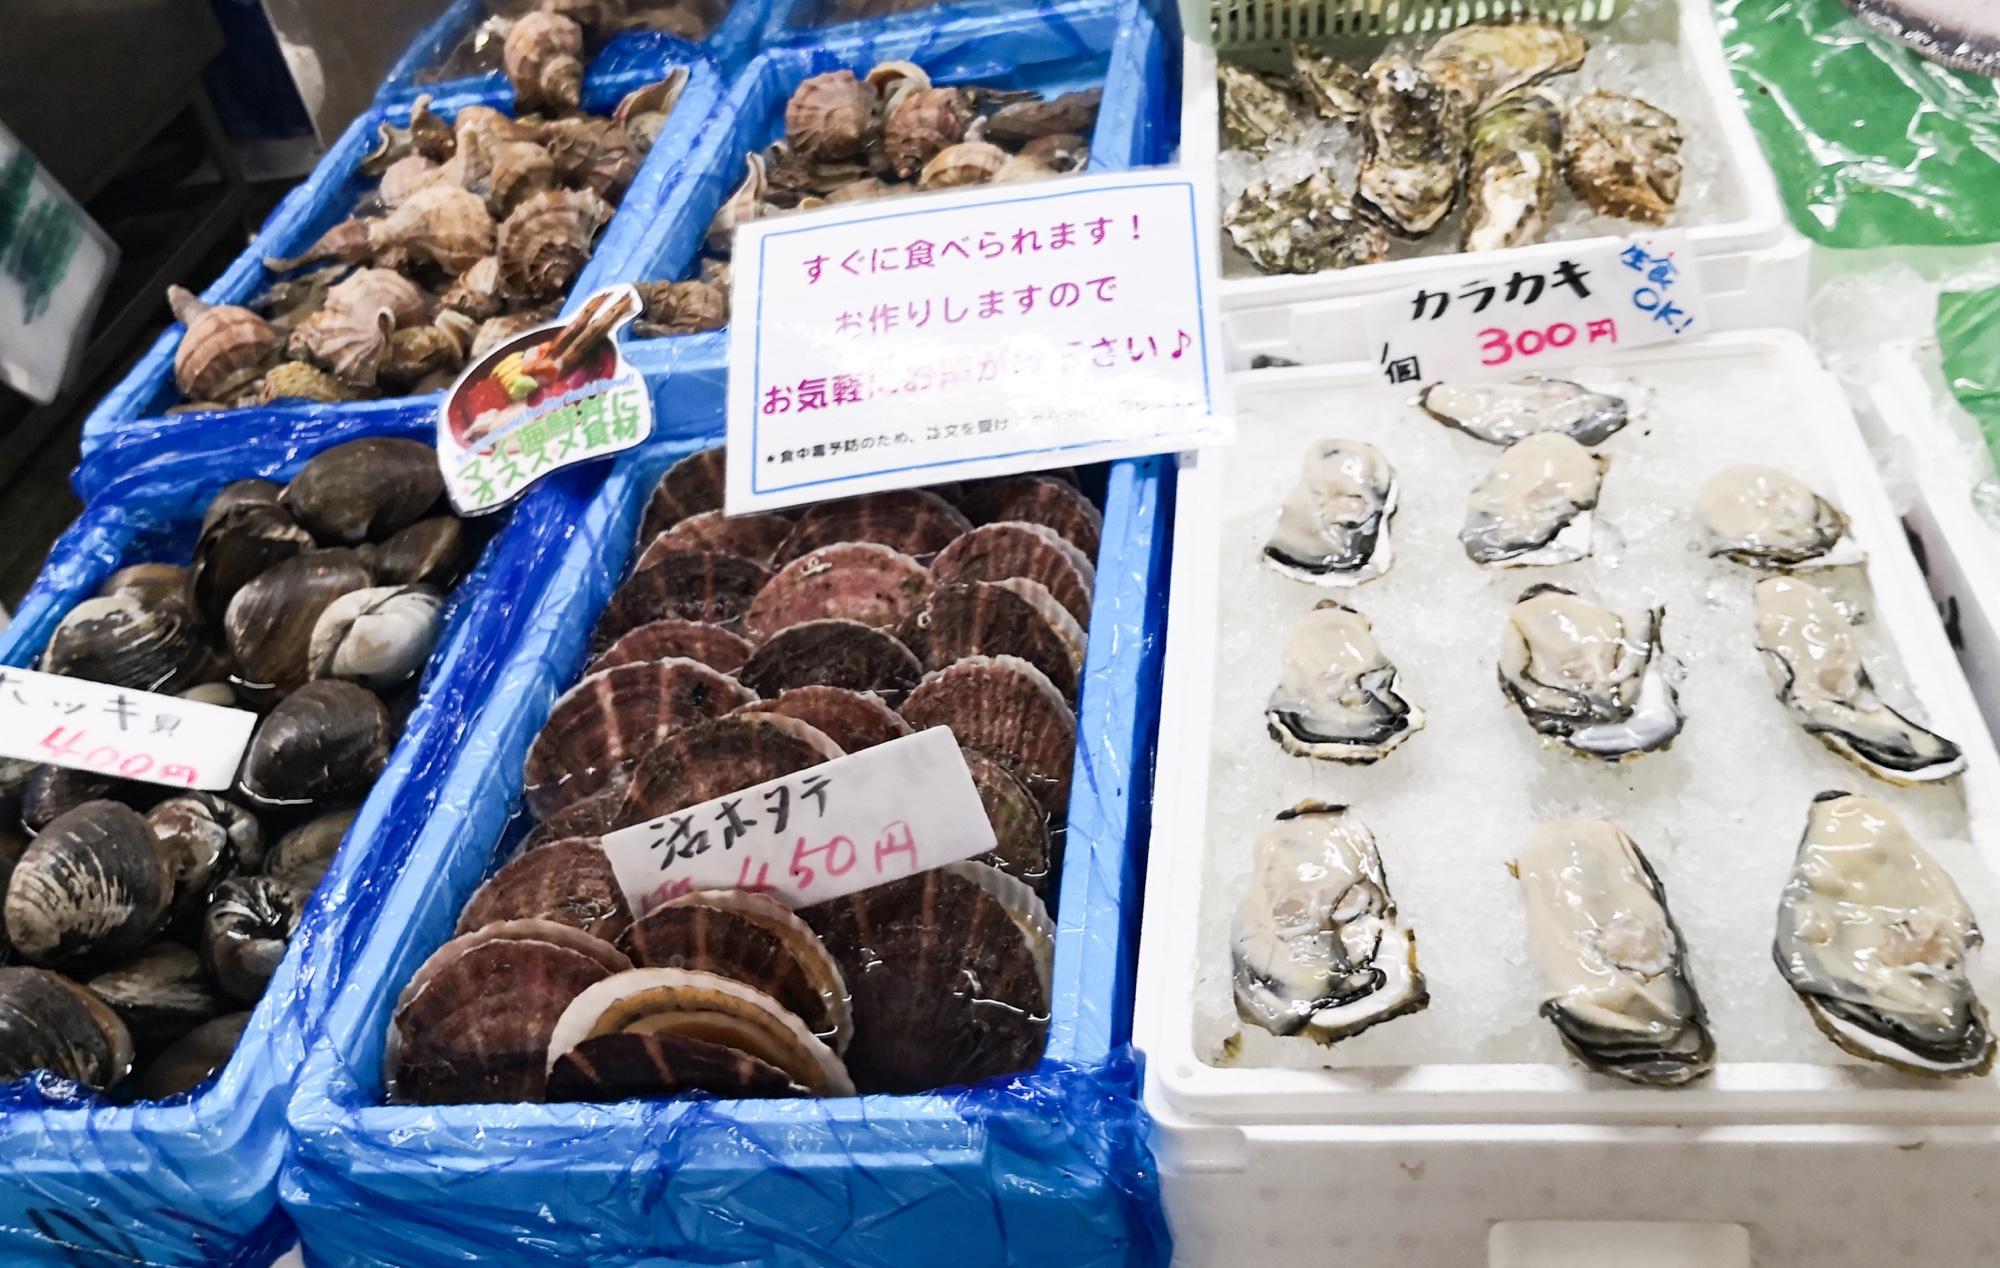 塩釜市場オープン時間 マイ海鮮丼ブログレポート